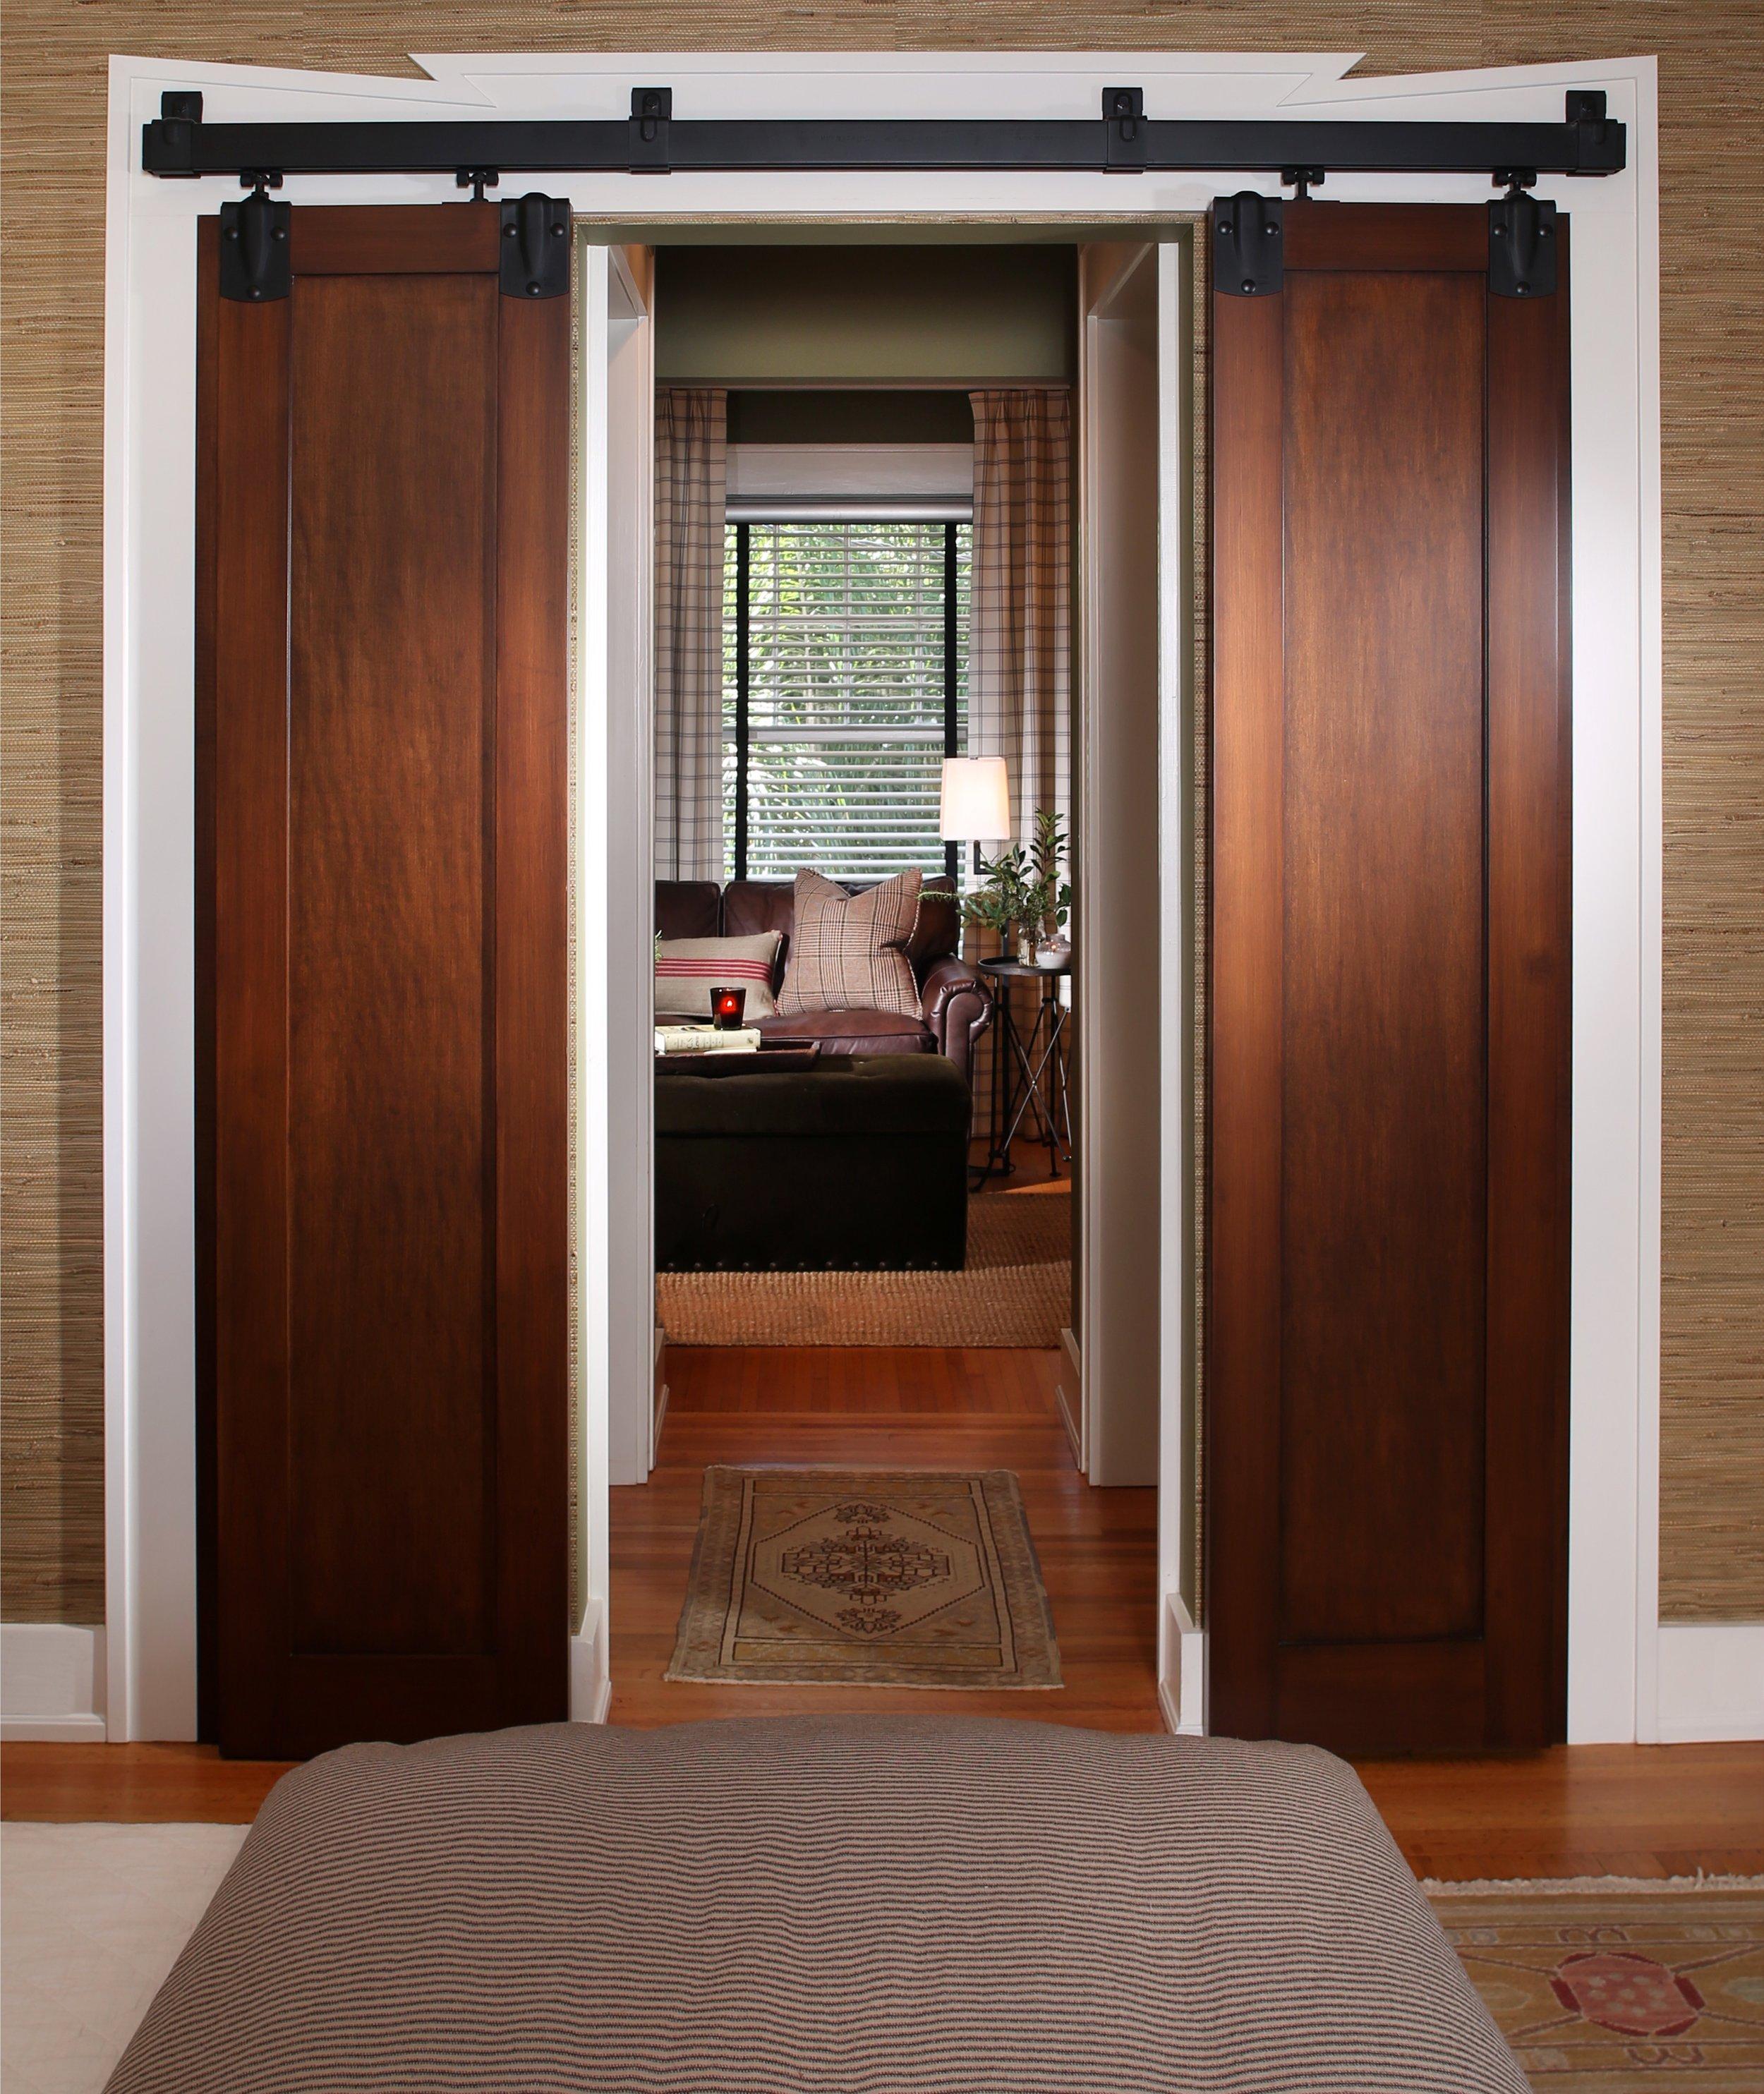 6.Master Bedroom After.jpeg